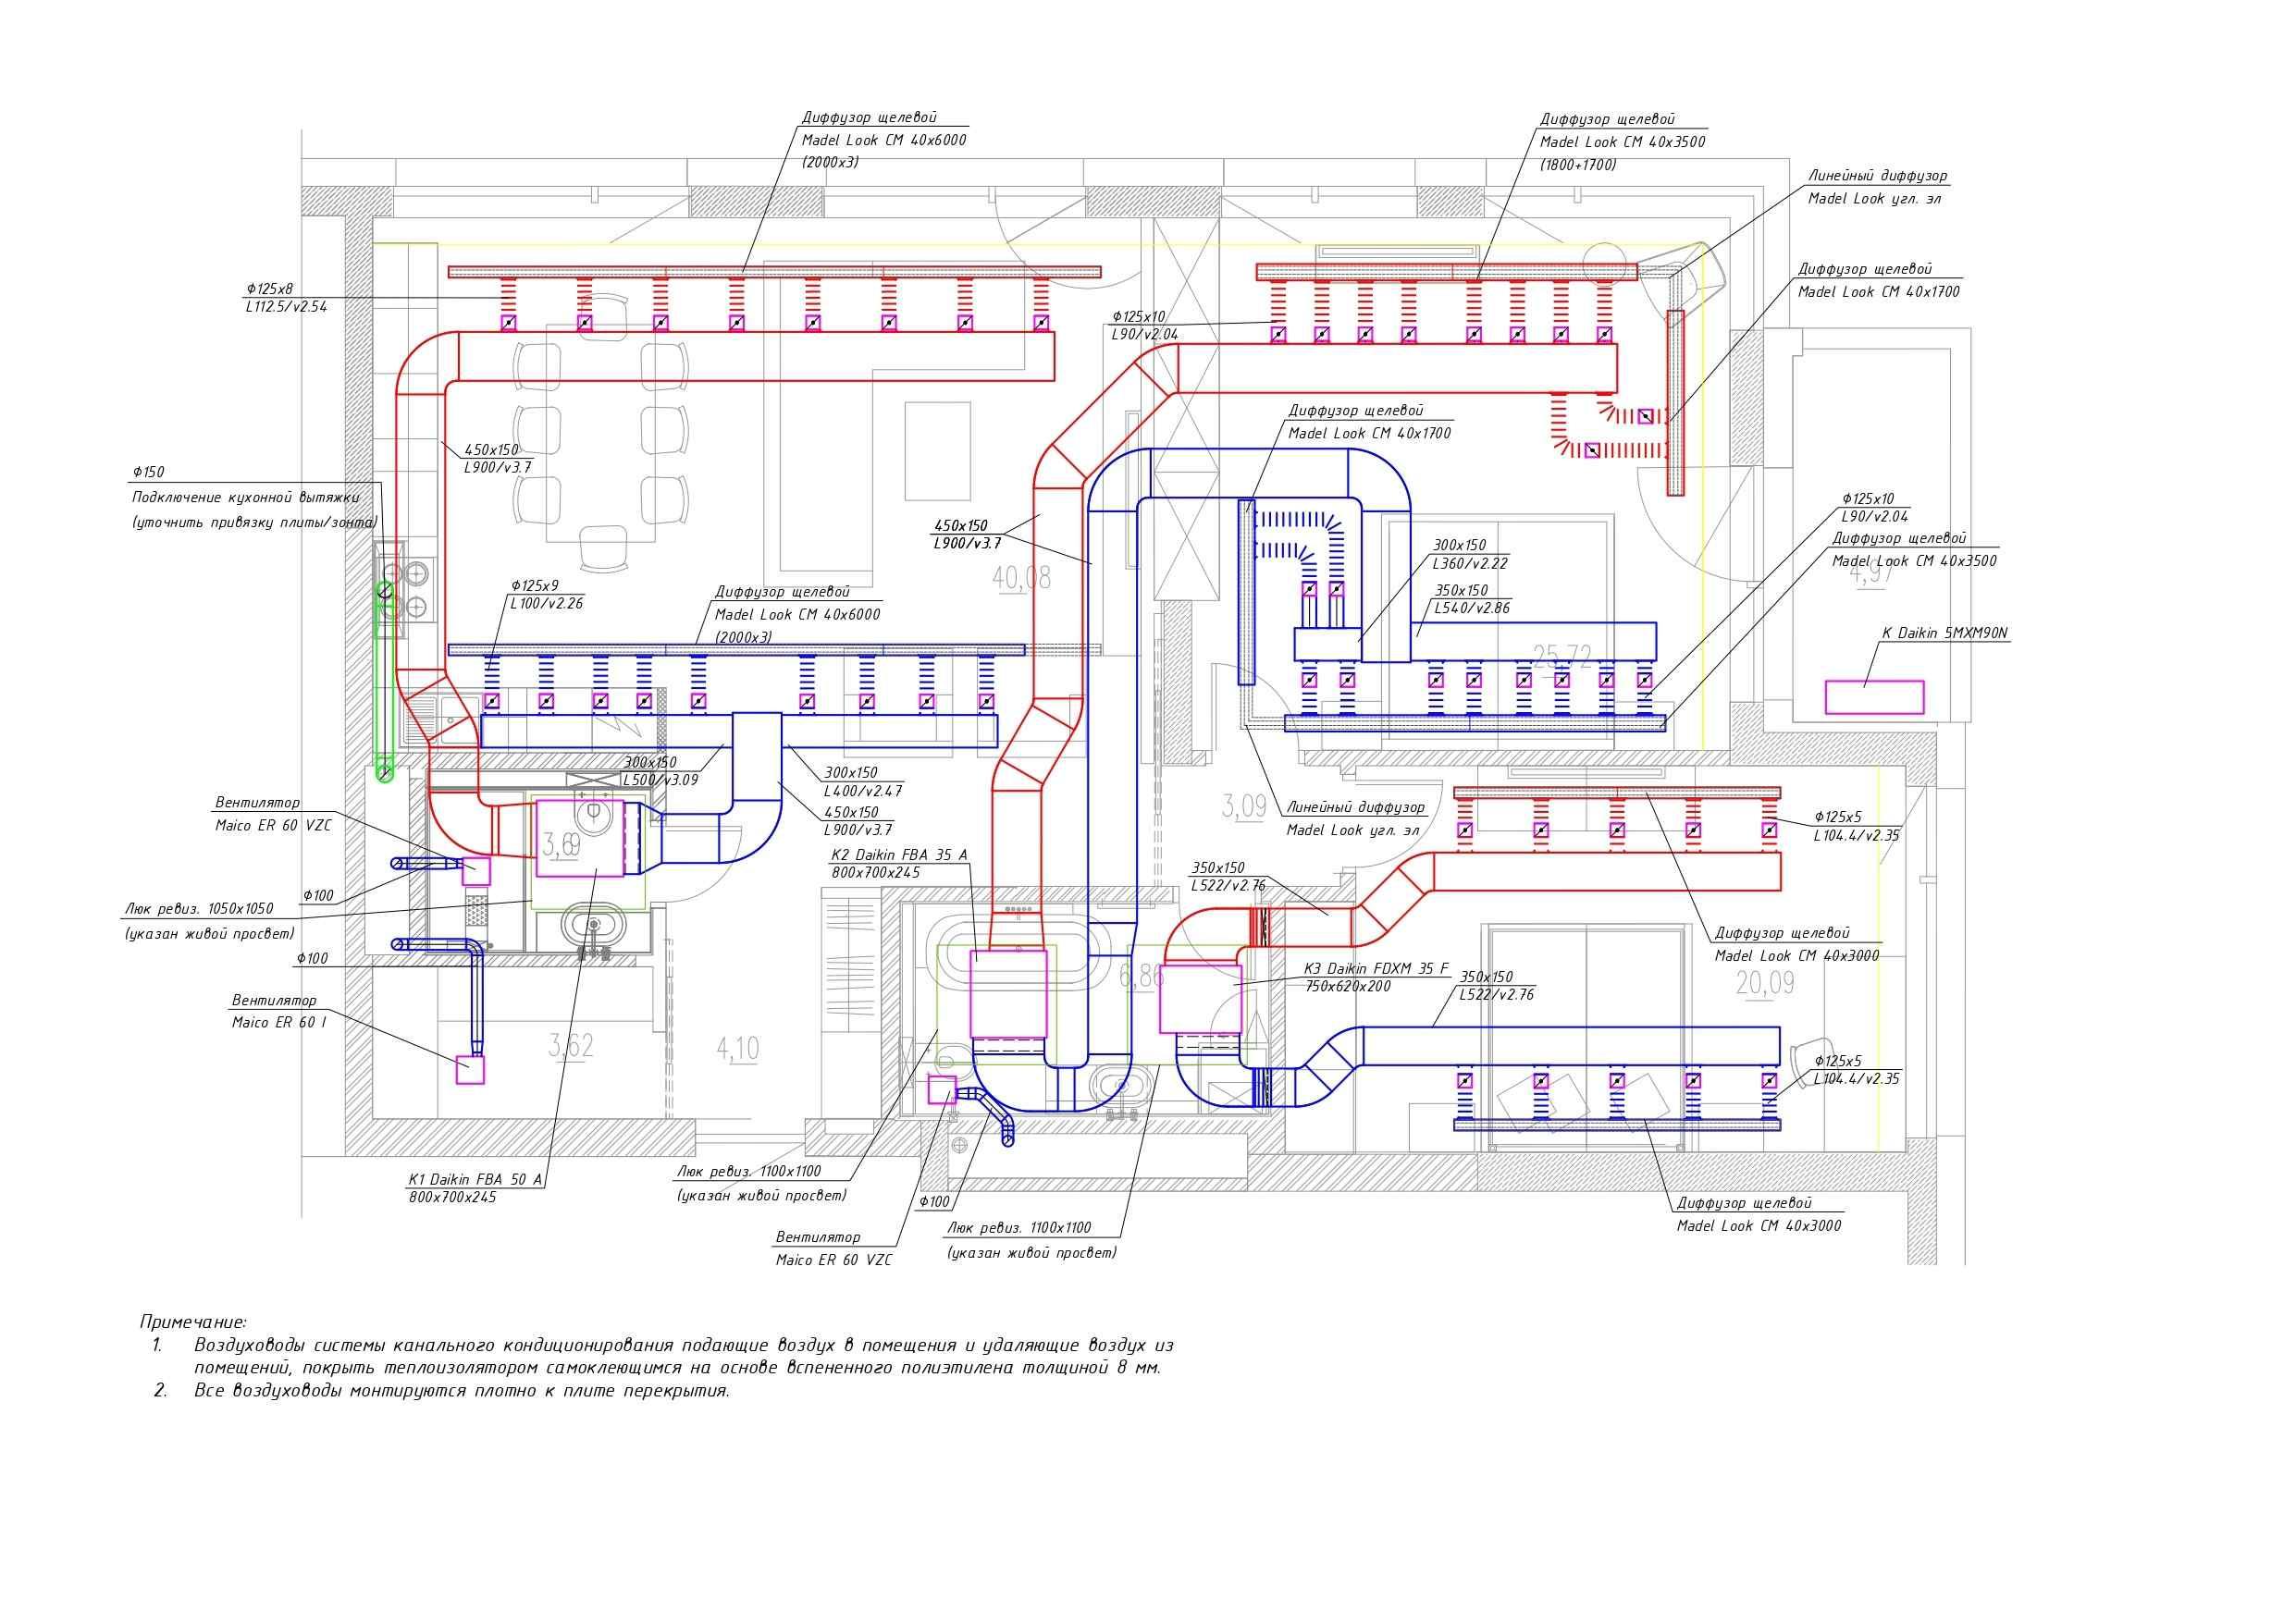 План квартири. Завдання електрикам і сантехнікам. Схема фреонопроводів